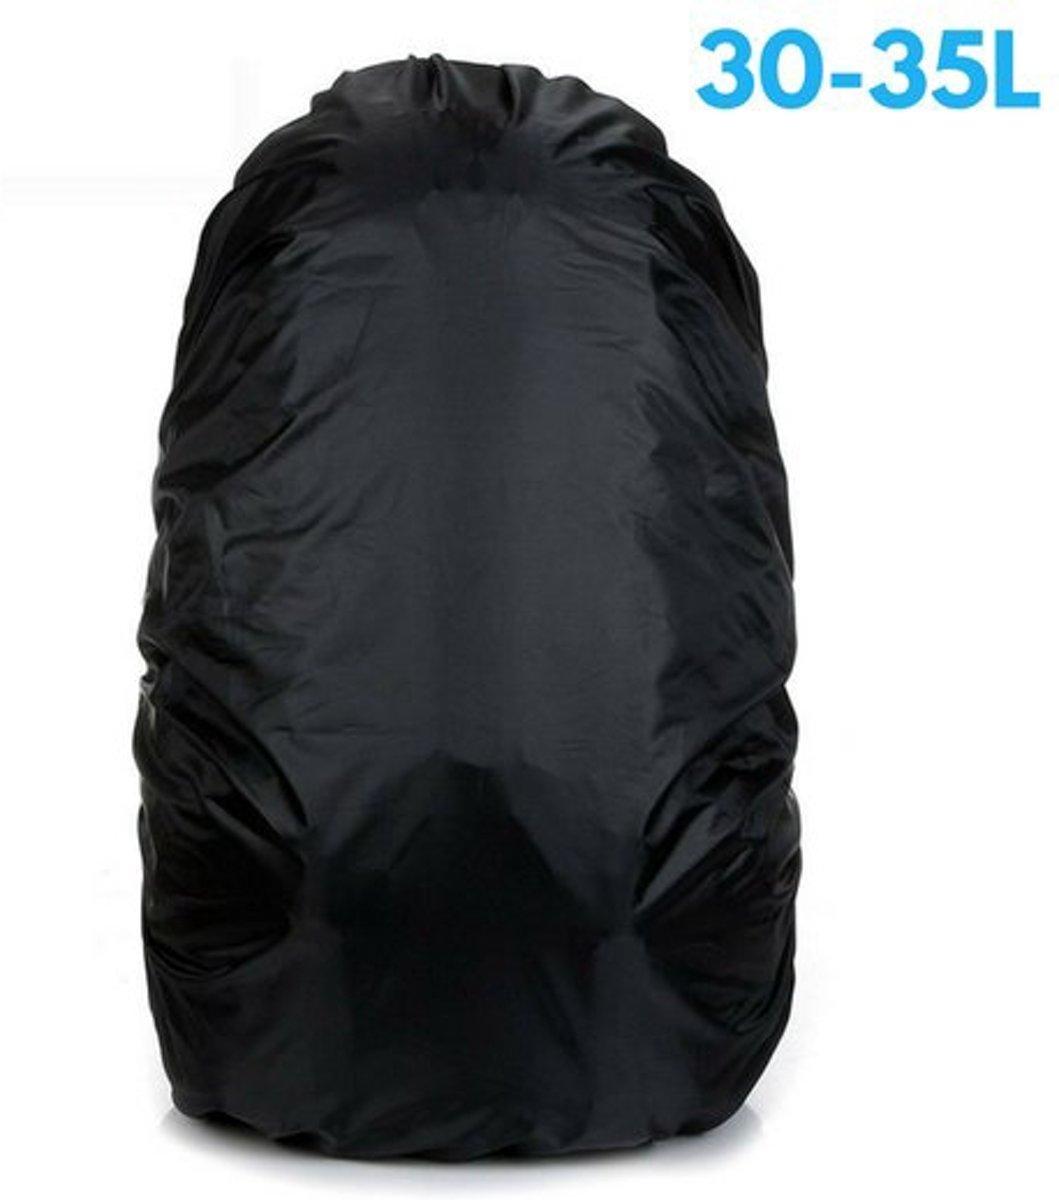 Flightbag Regenhoes Waterdicht voor Backpack Rugzak - 30-35 Liter Regenhoes – Zwart kopen